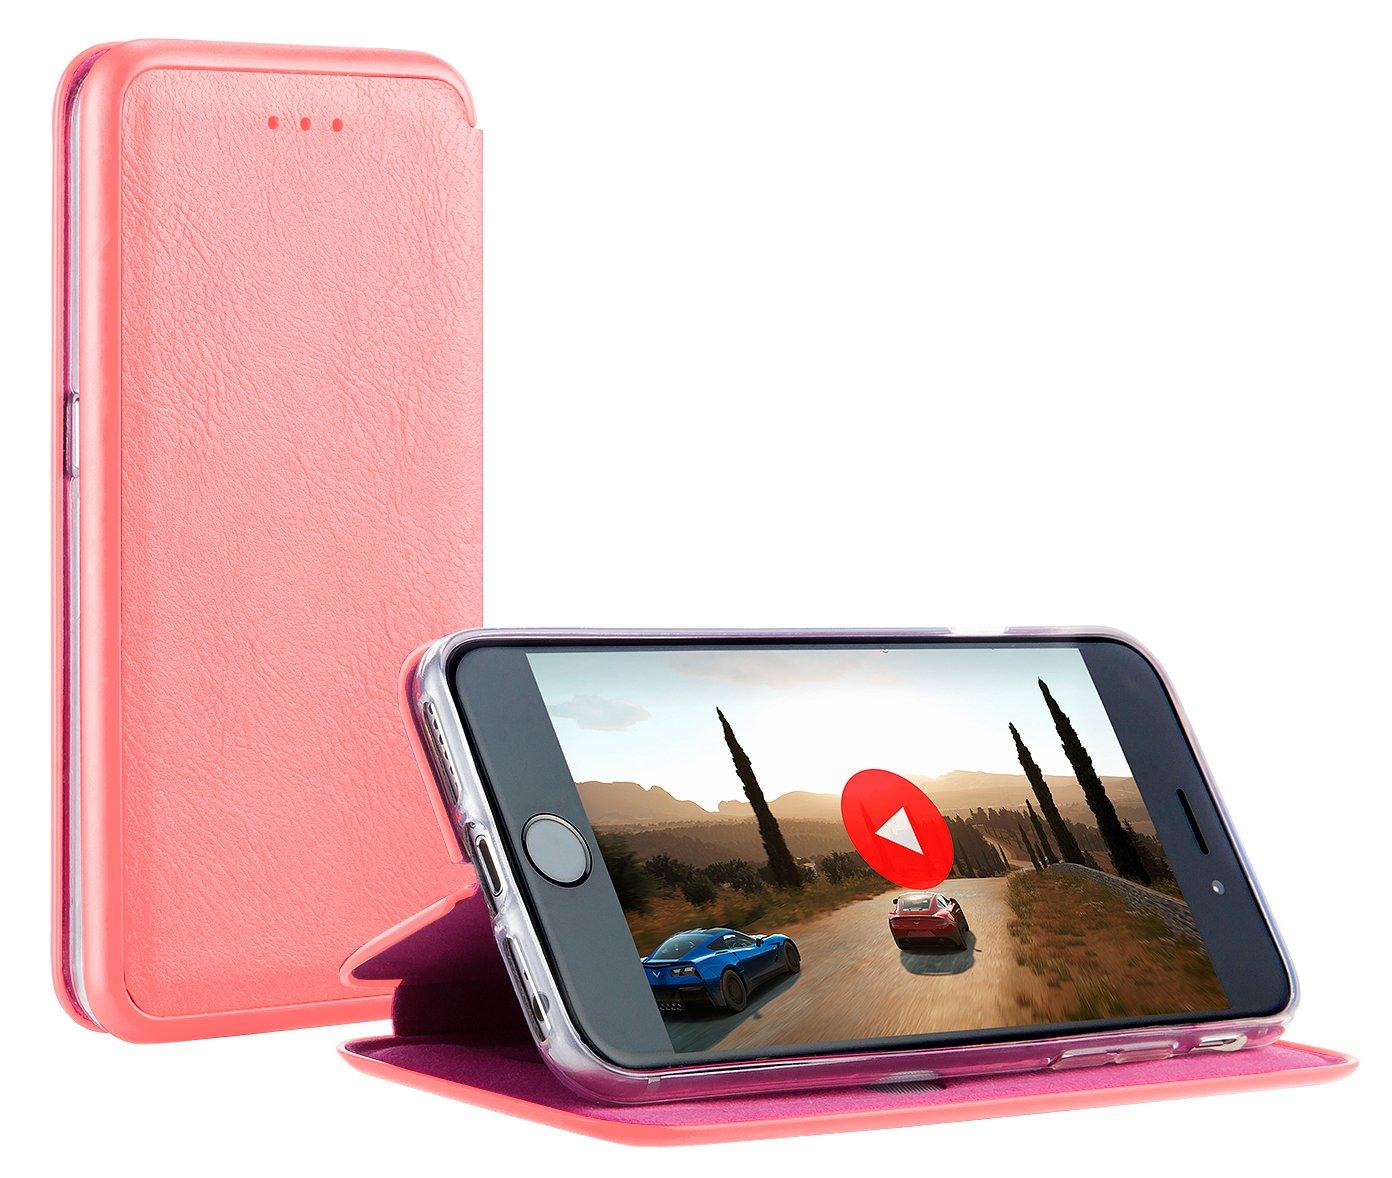 MyGadget Funda Flip con Tapa para Apple iPhone 7/8 en Cuero ...